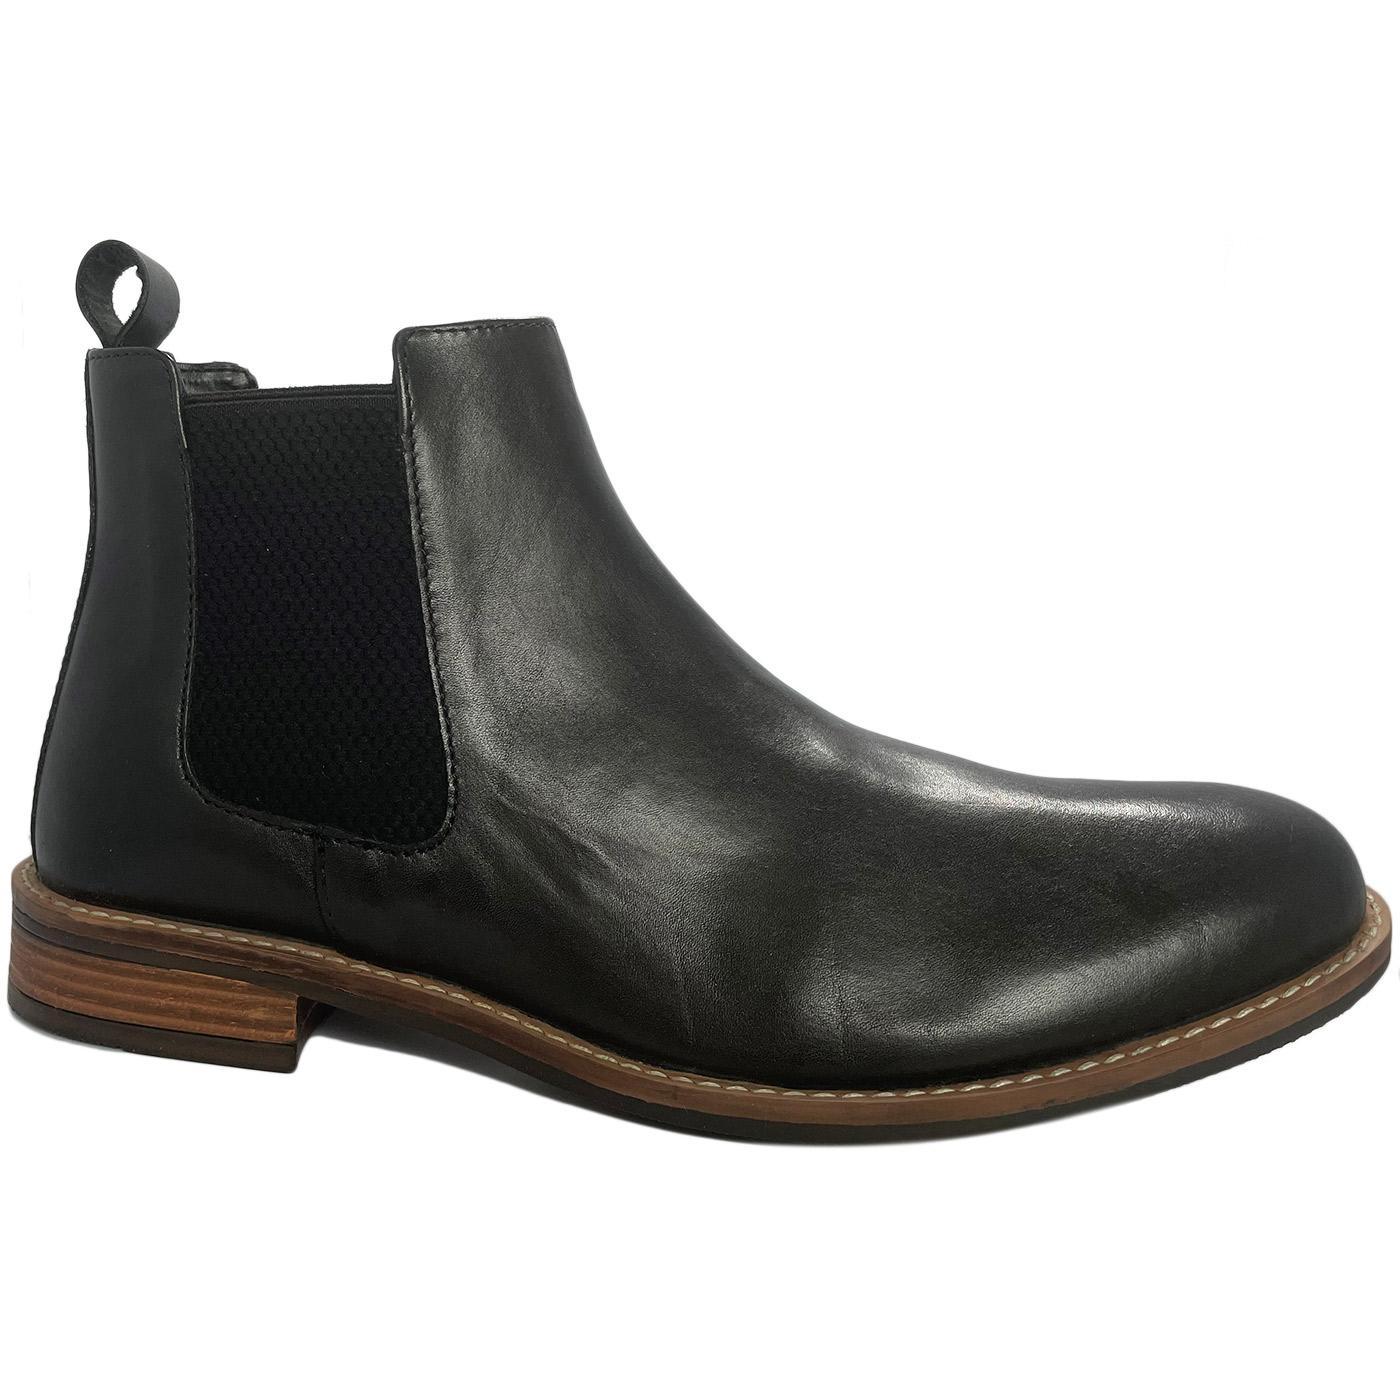 Men's Retro Mod Leather Chelsea Boots (Black)